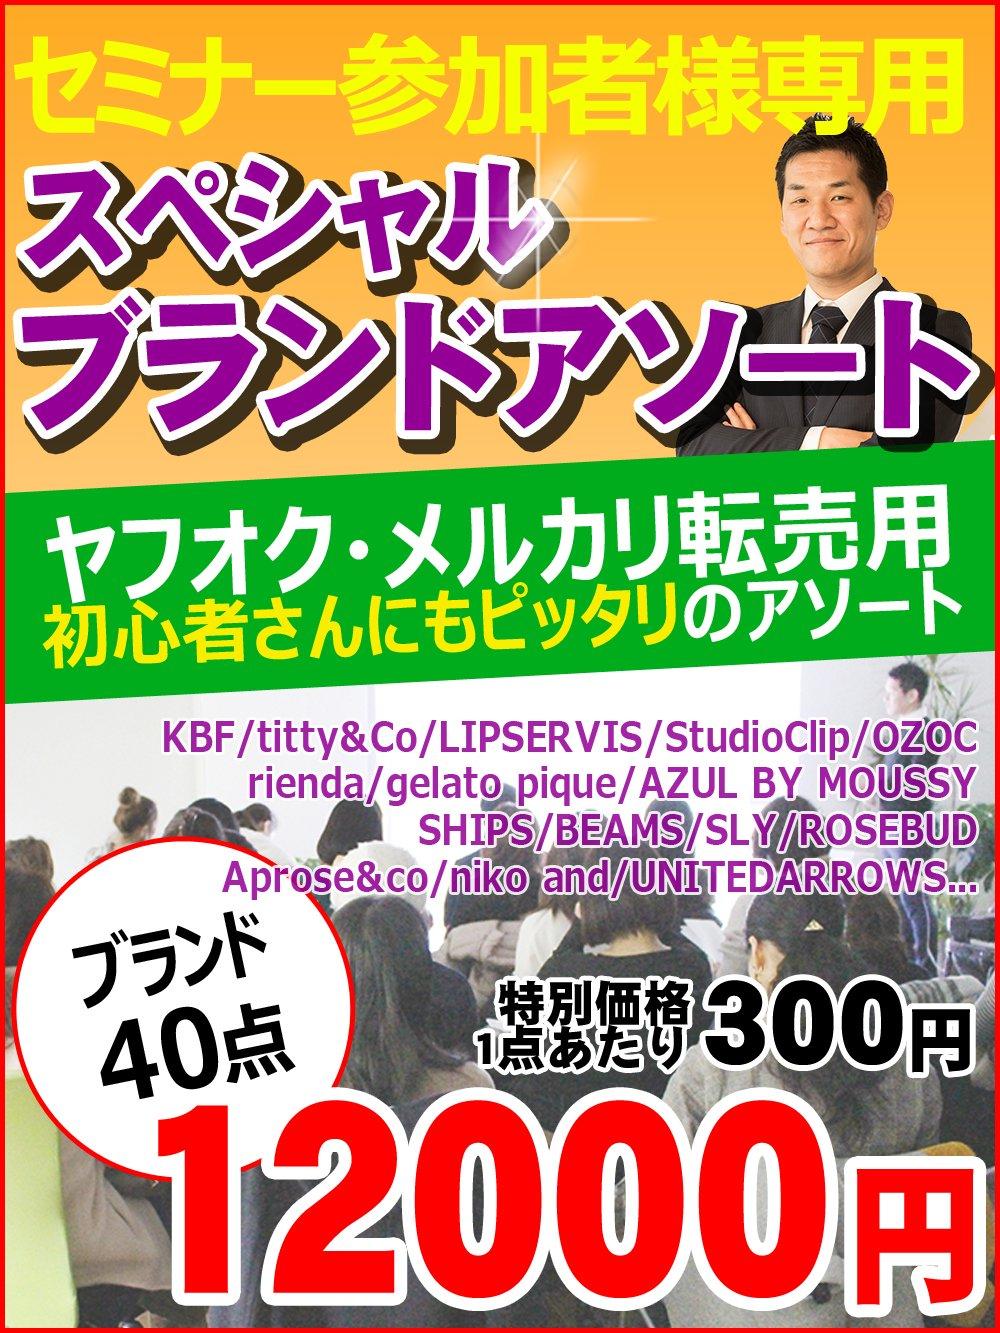 【東京セミナー参加者様限定】スペシャルアソート【40点】@300